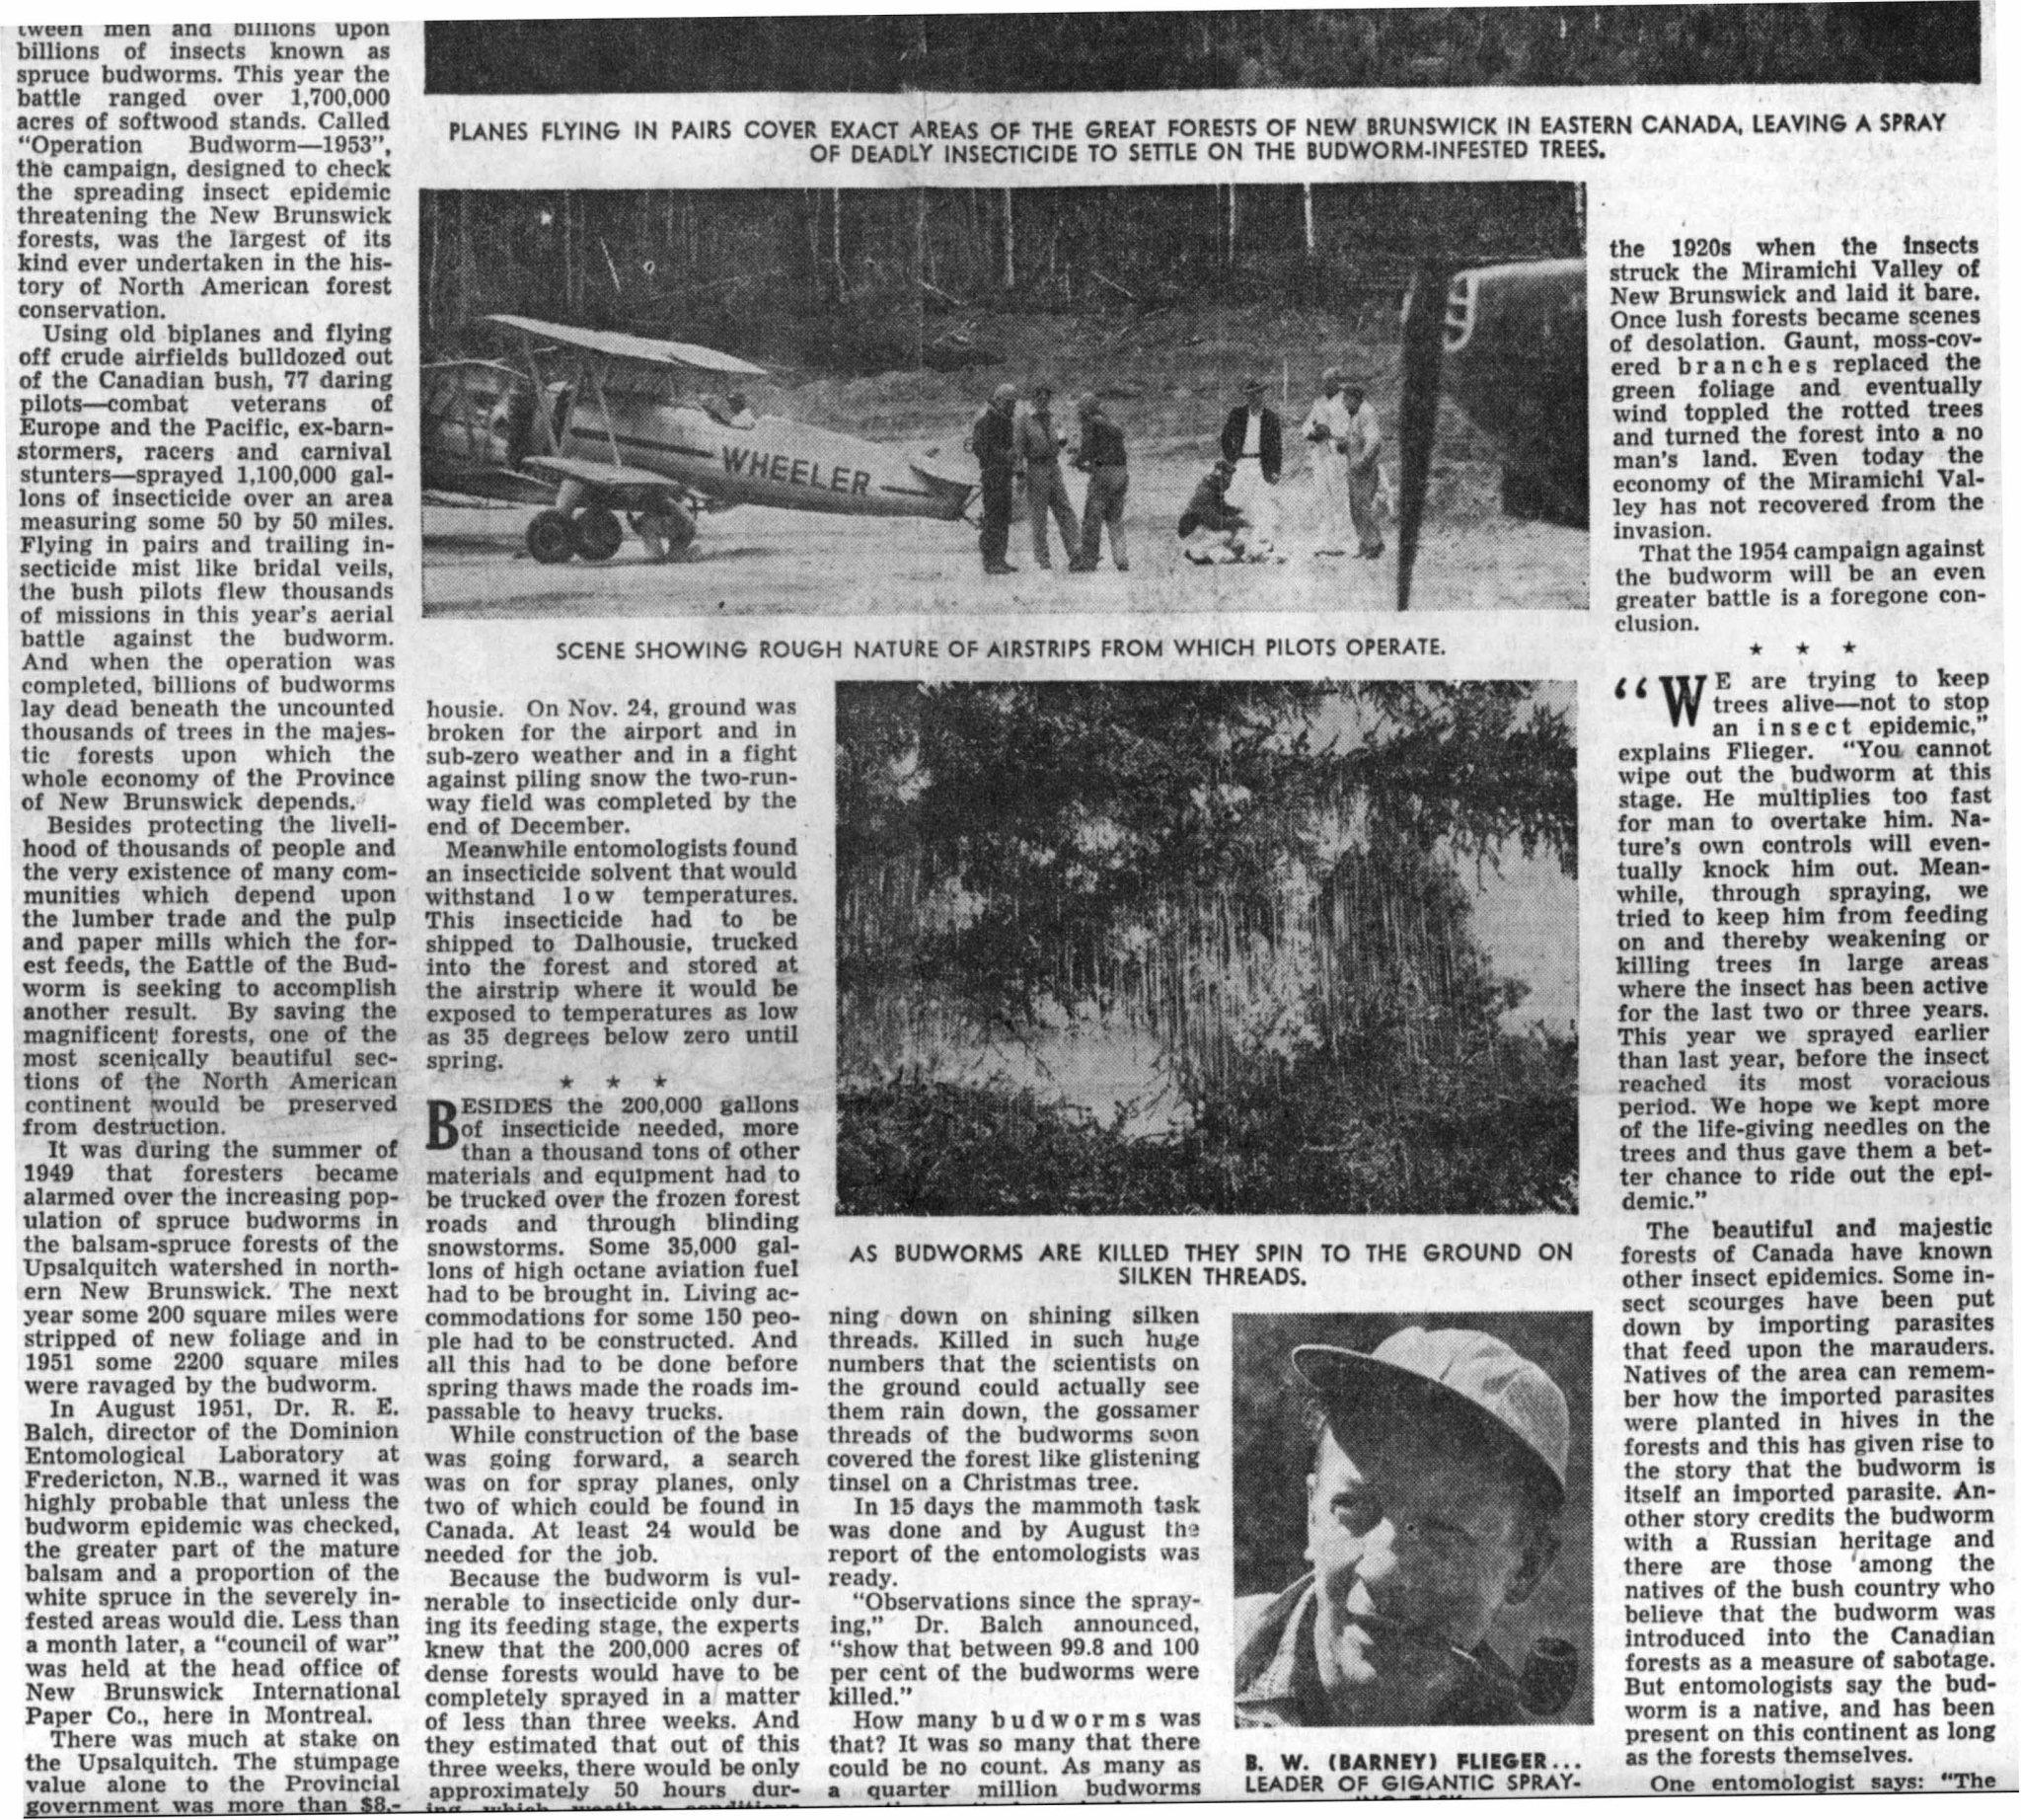 St Louis Post-Dispatch_16Aug1953-2